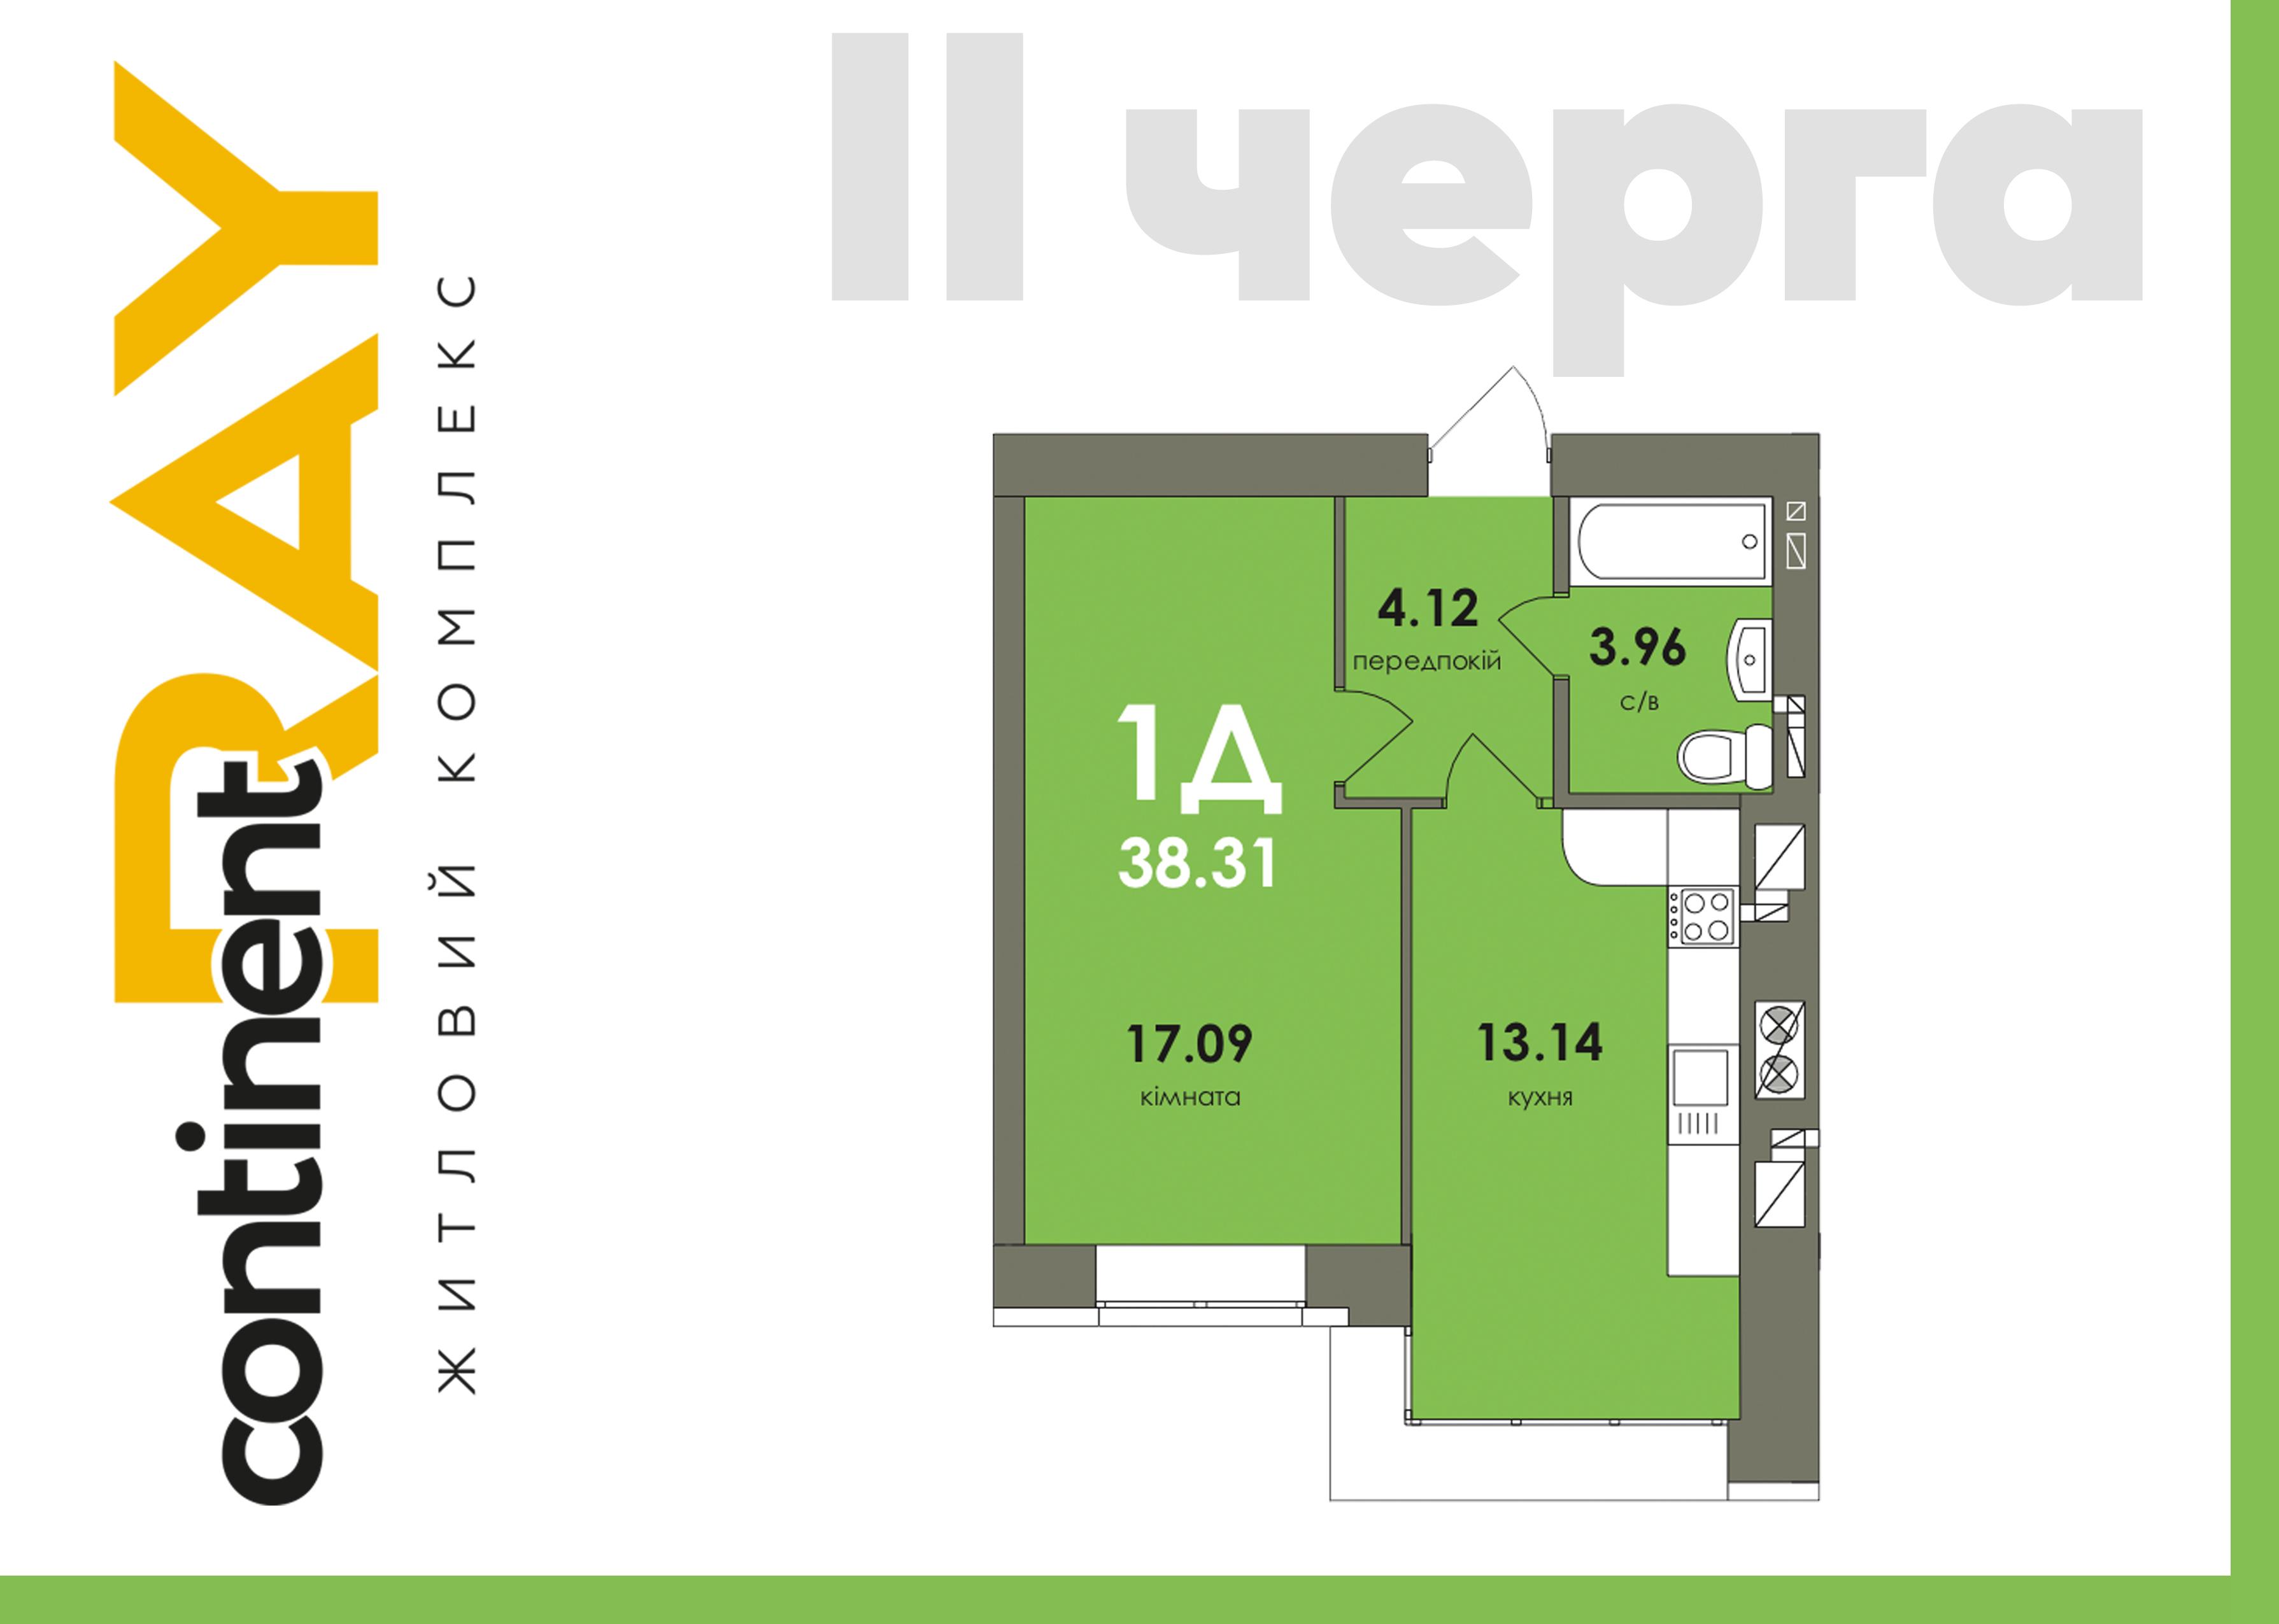 1-кімн. кв 1Д 38.31 м²